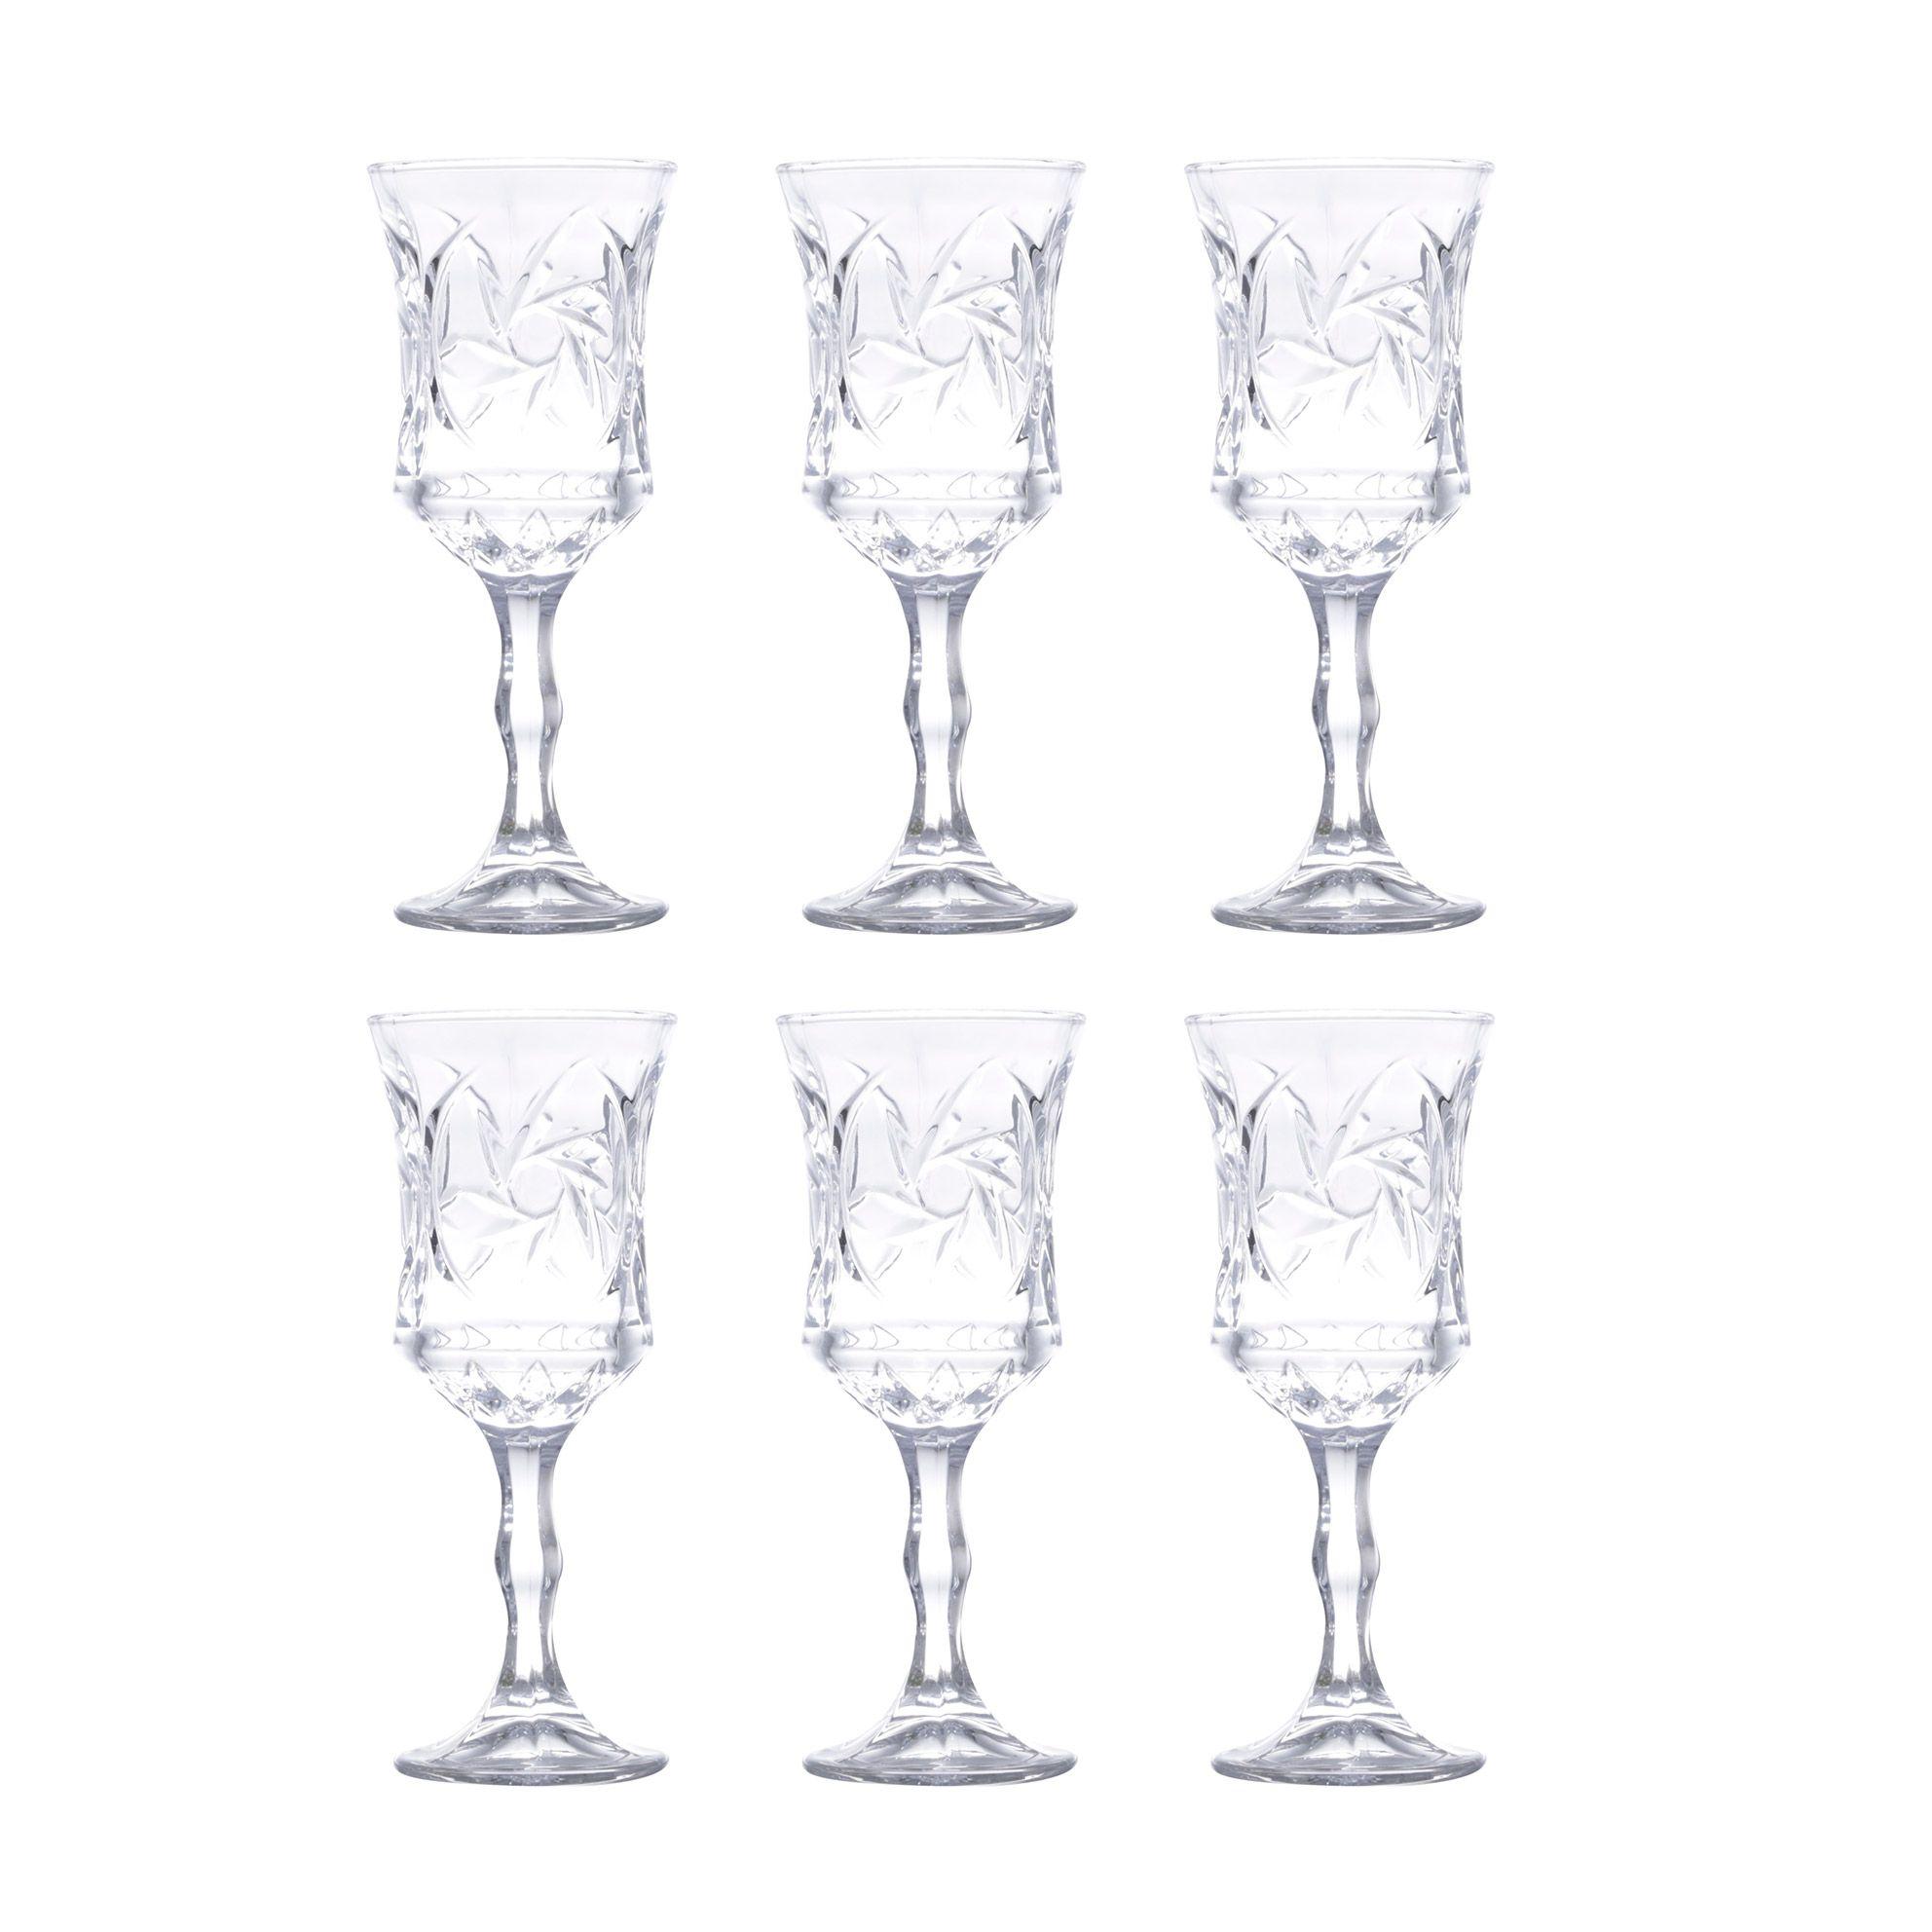 Jogo 6 taças 80ml para licor de cristal ecológico transparente Sunflower Wolff - 26066